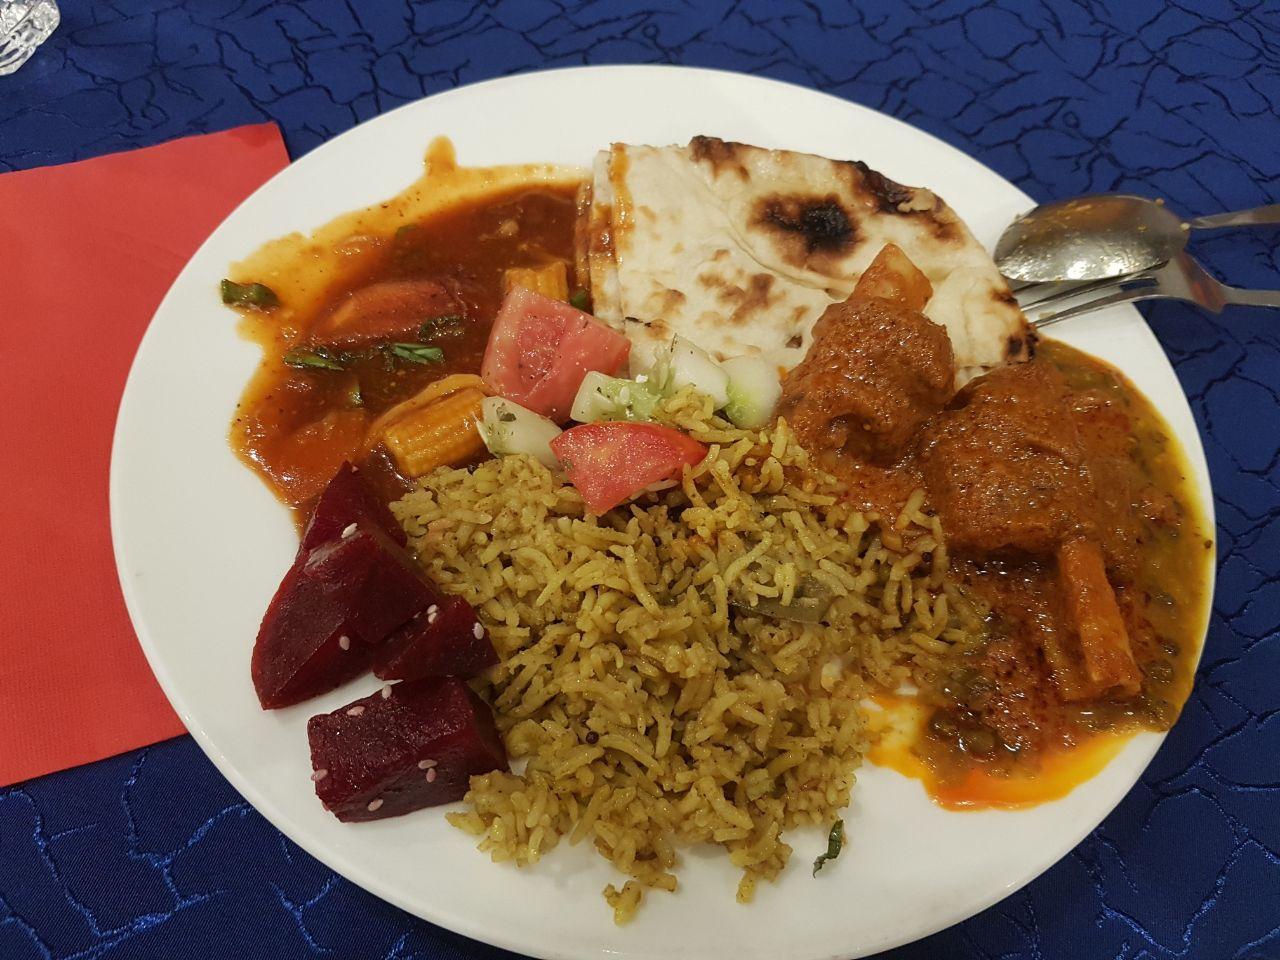 Жратва индийская абсолютно несъедобна изза специй и отсутствия нормального мяса.